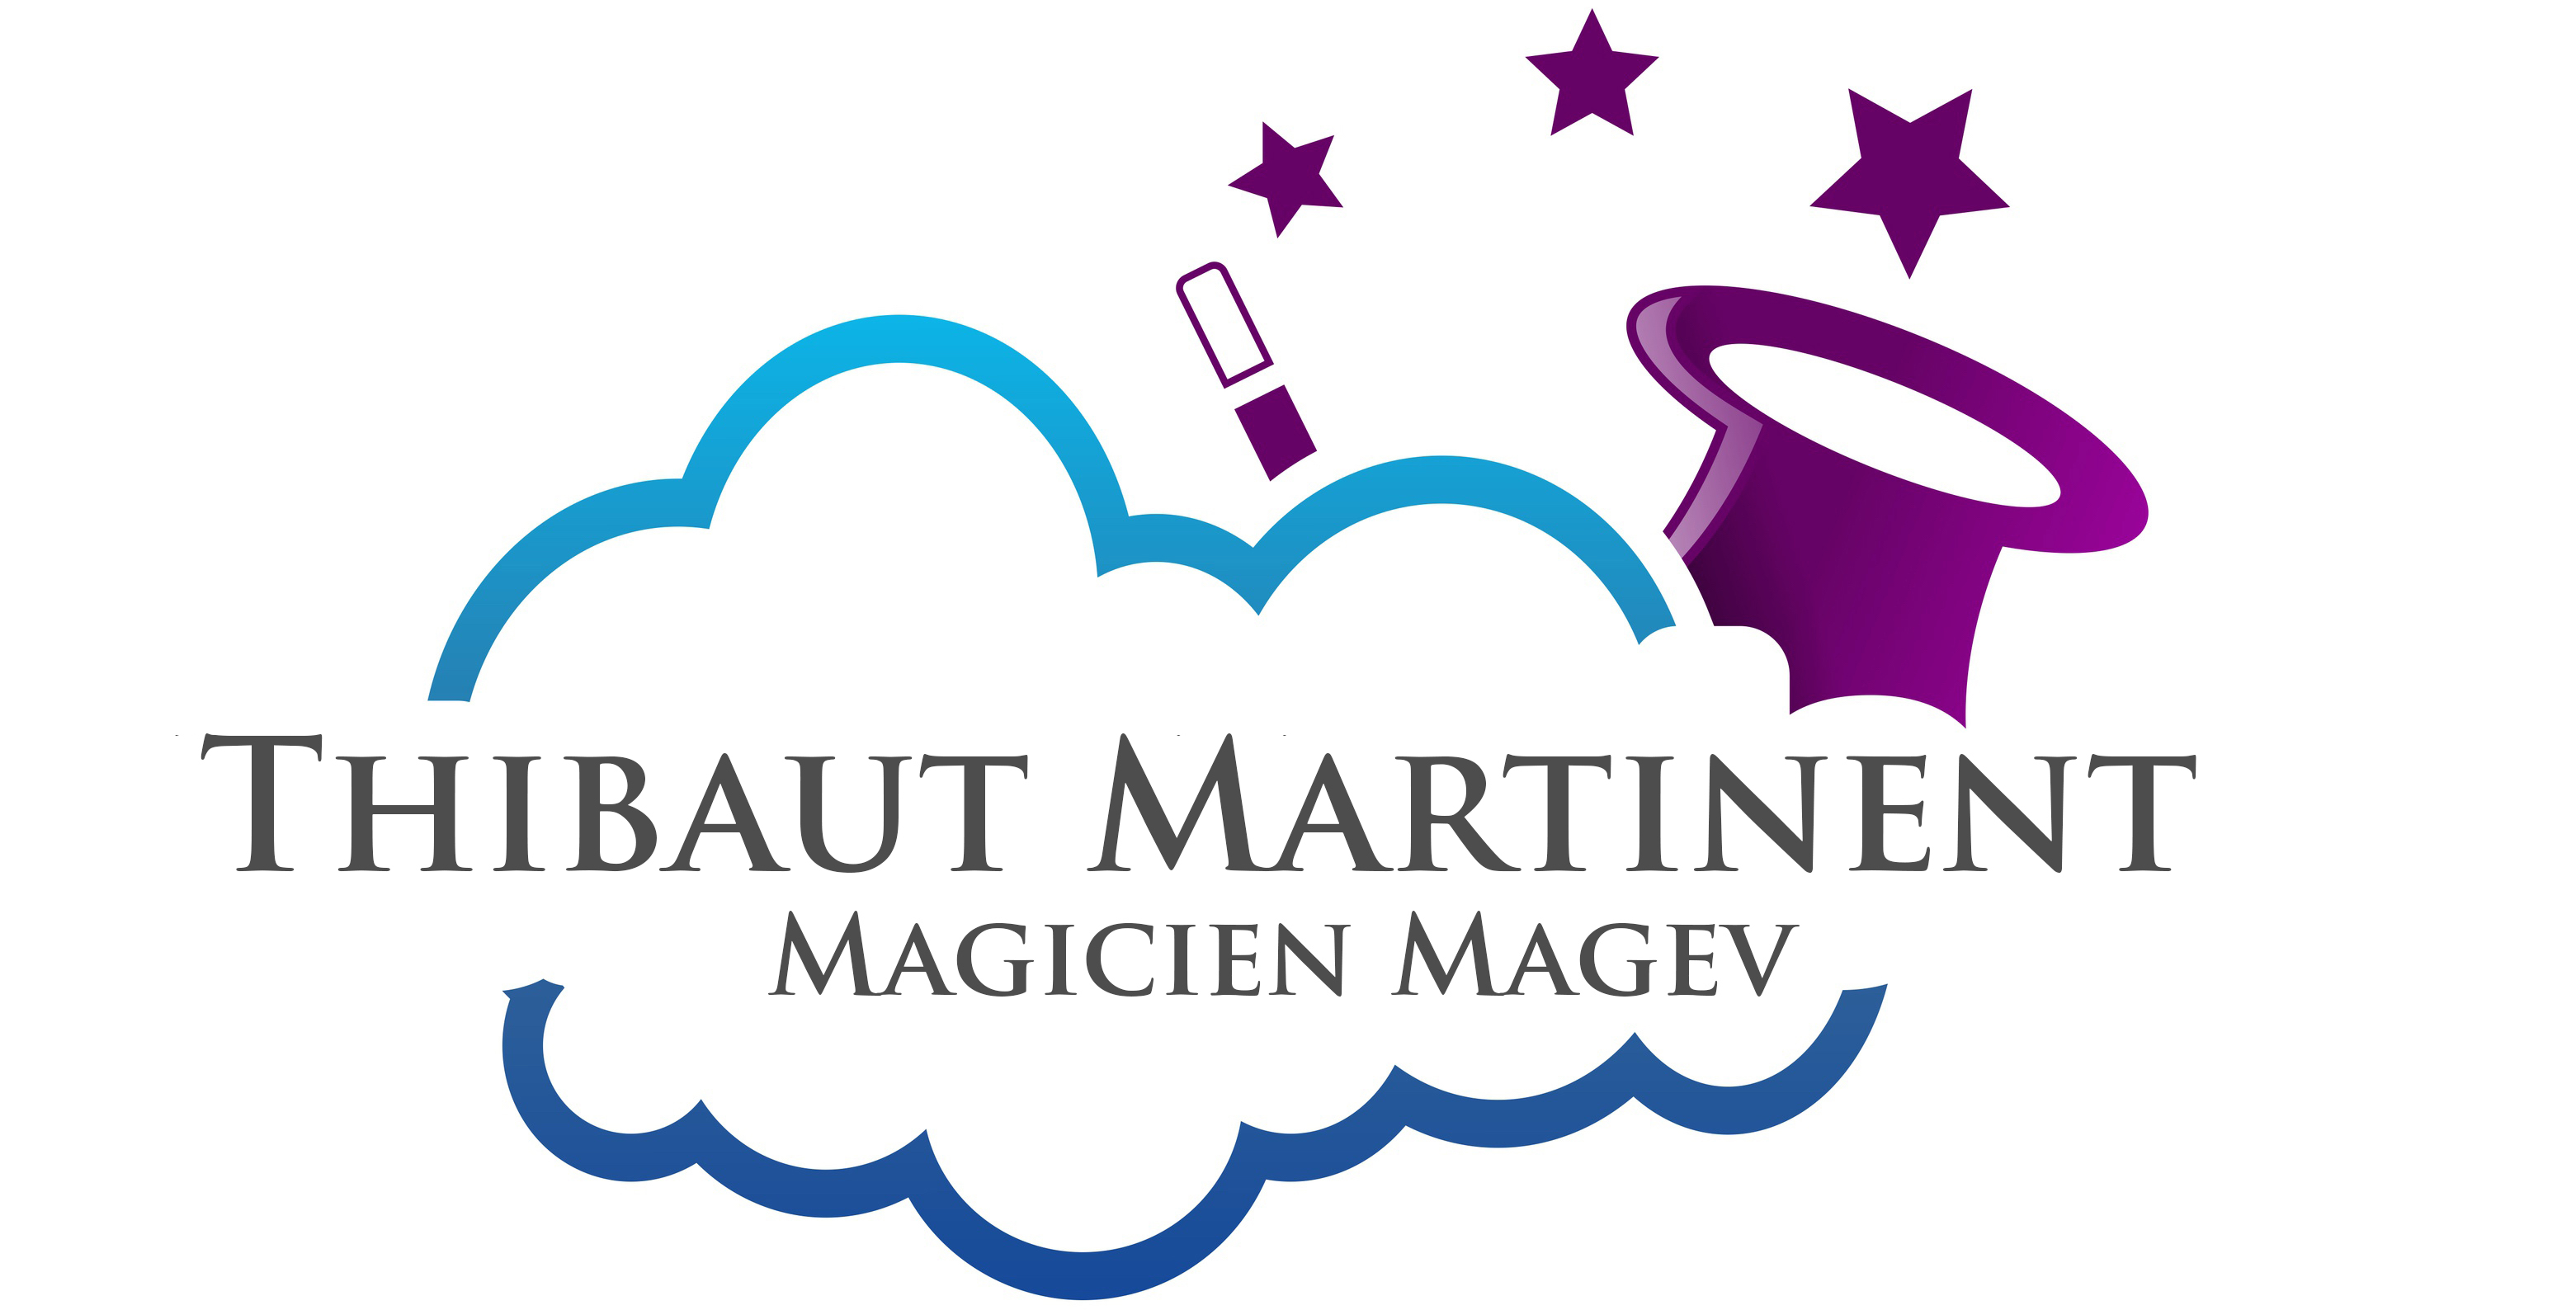 Thibaut Martinent Magev magie caritative